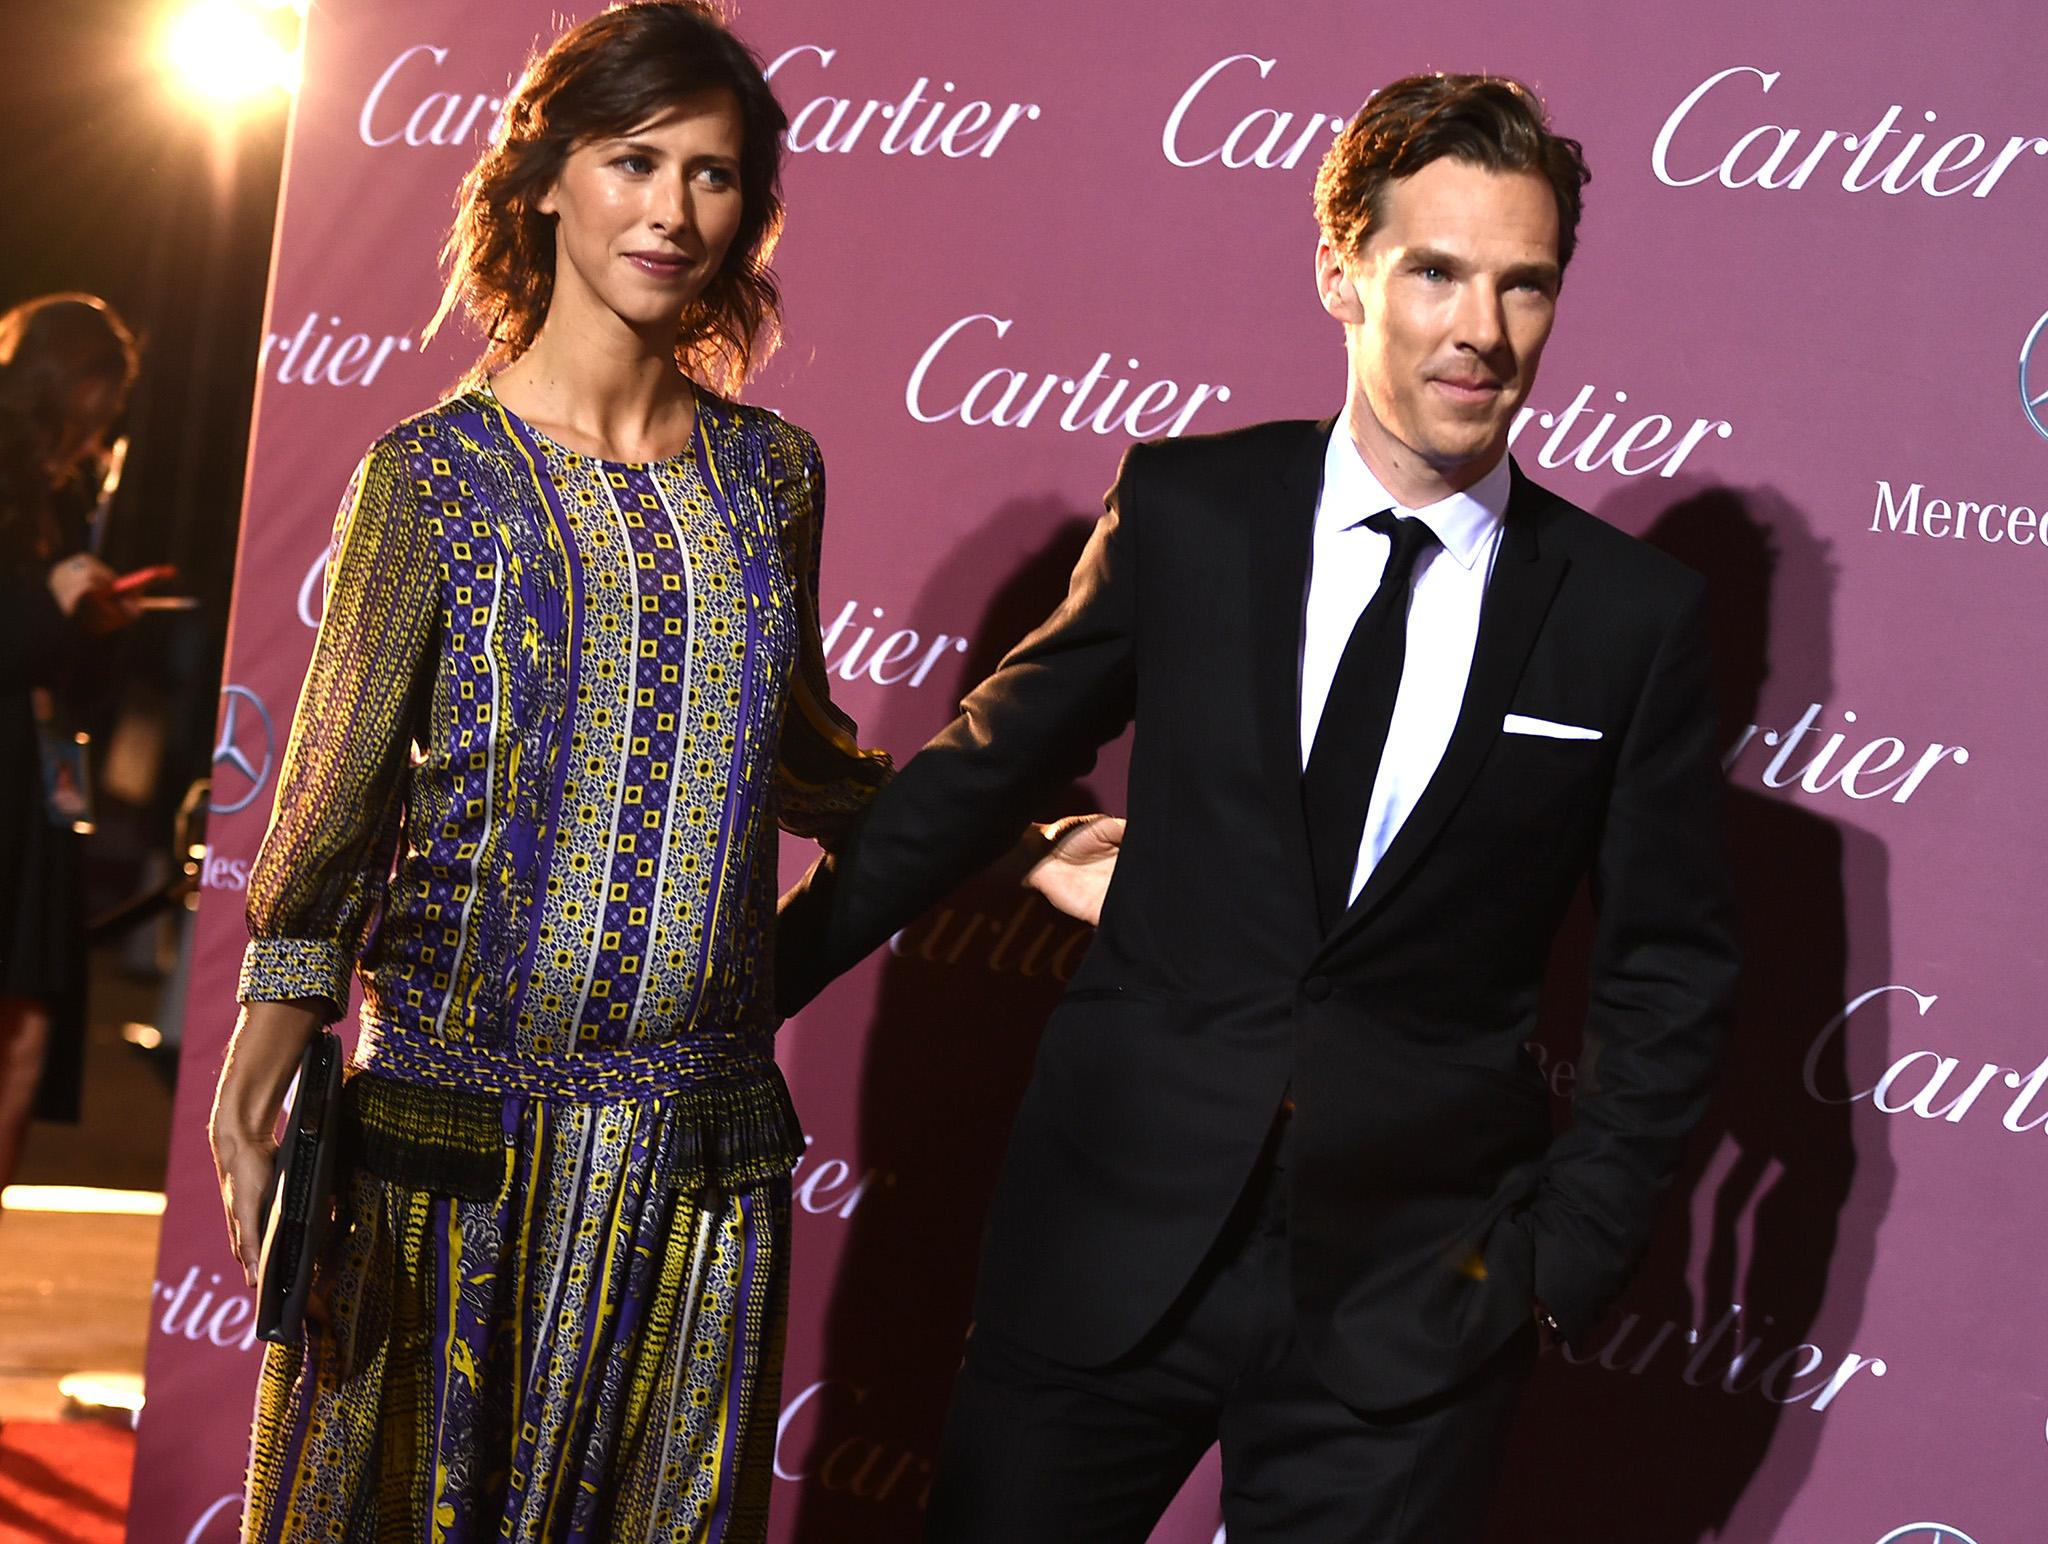 Бенедикт Камбербэтч с женой Софи Хантер стали самой стильной парой 2015 года по версии журнала Vanity Fair